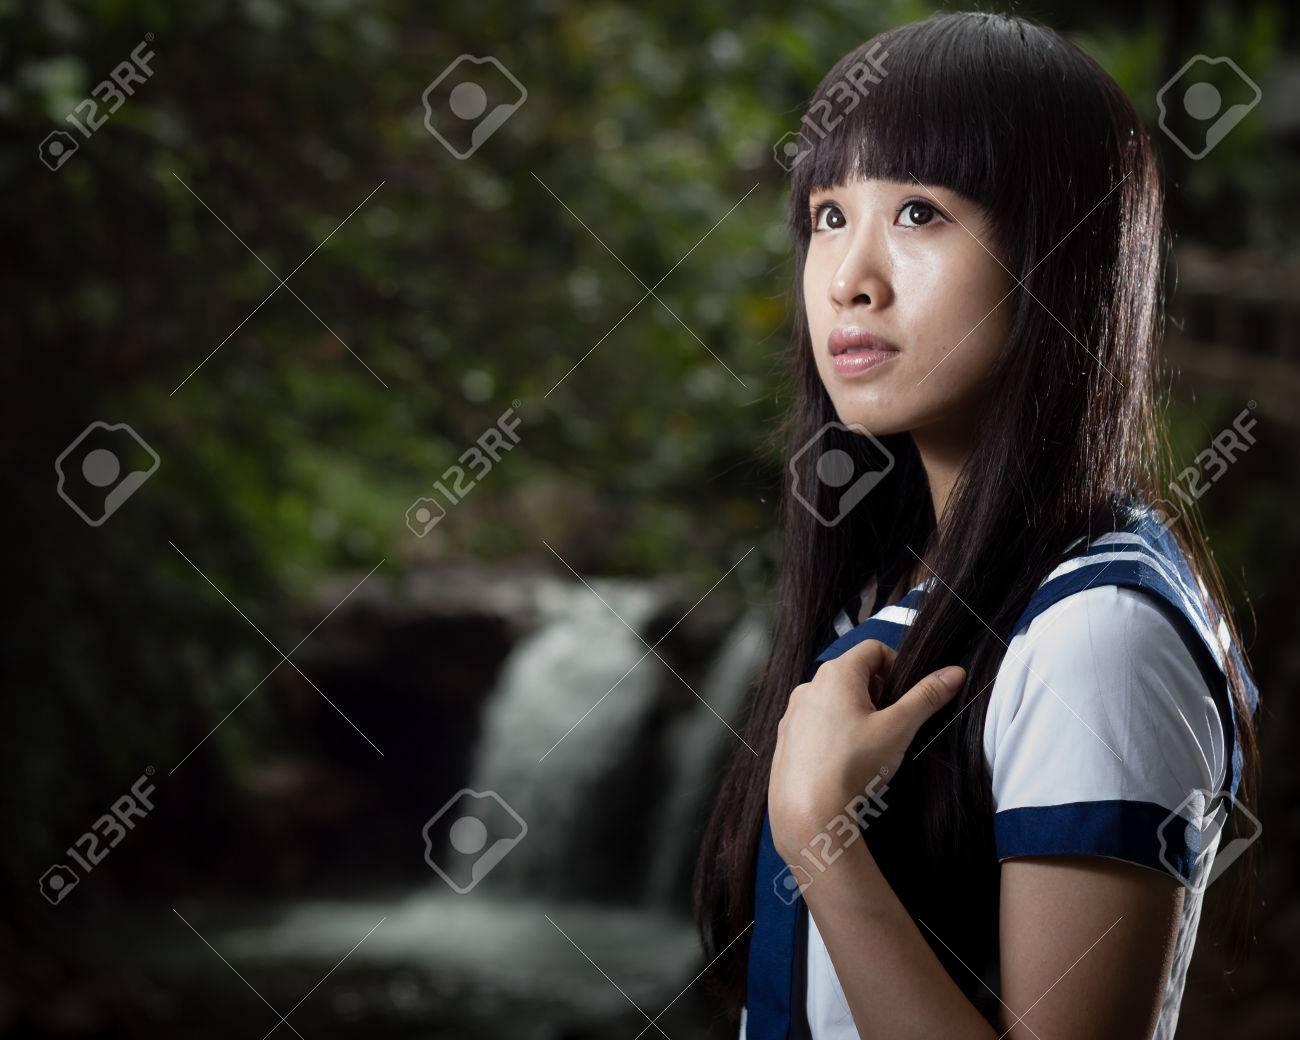 バック グラウンドで滝かわいい中国の女子高生 ロイヤリティーフリー